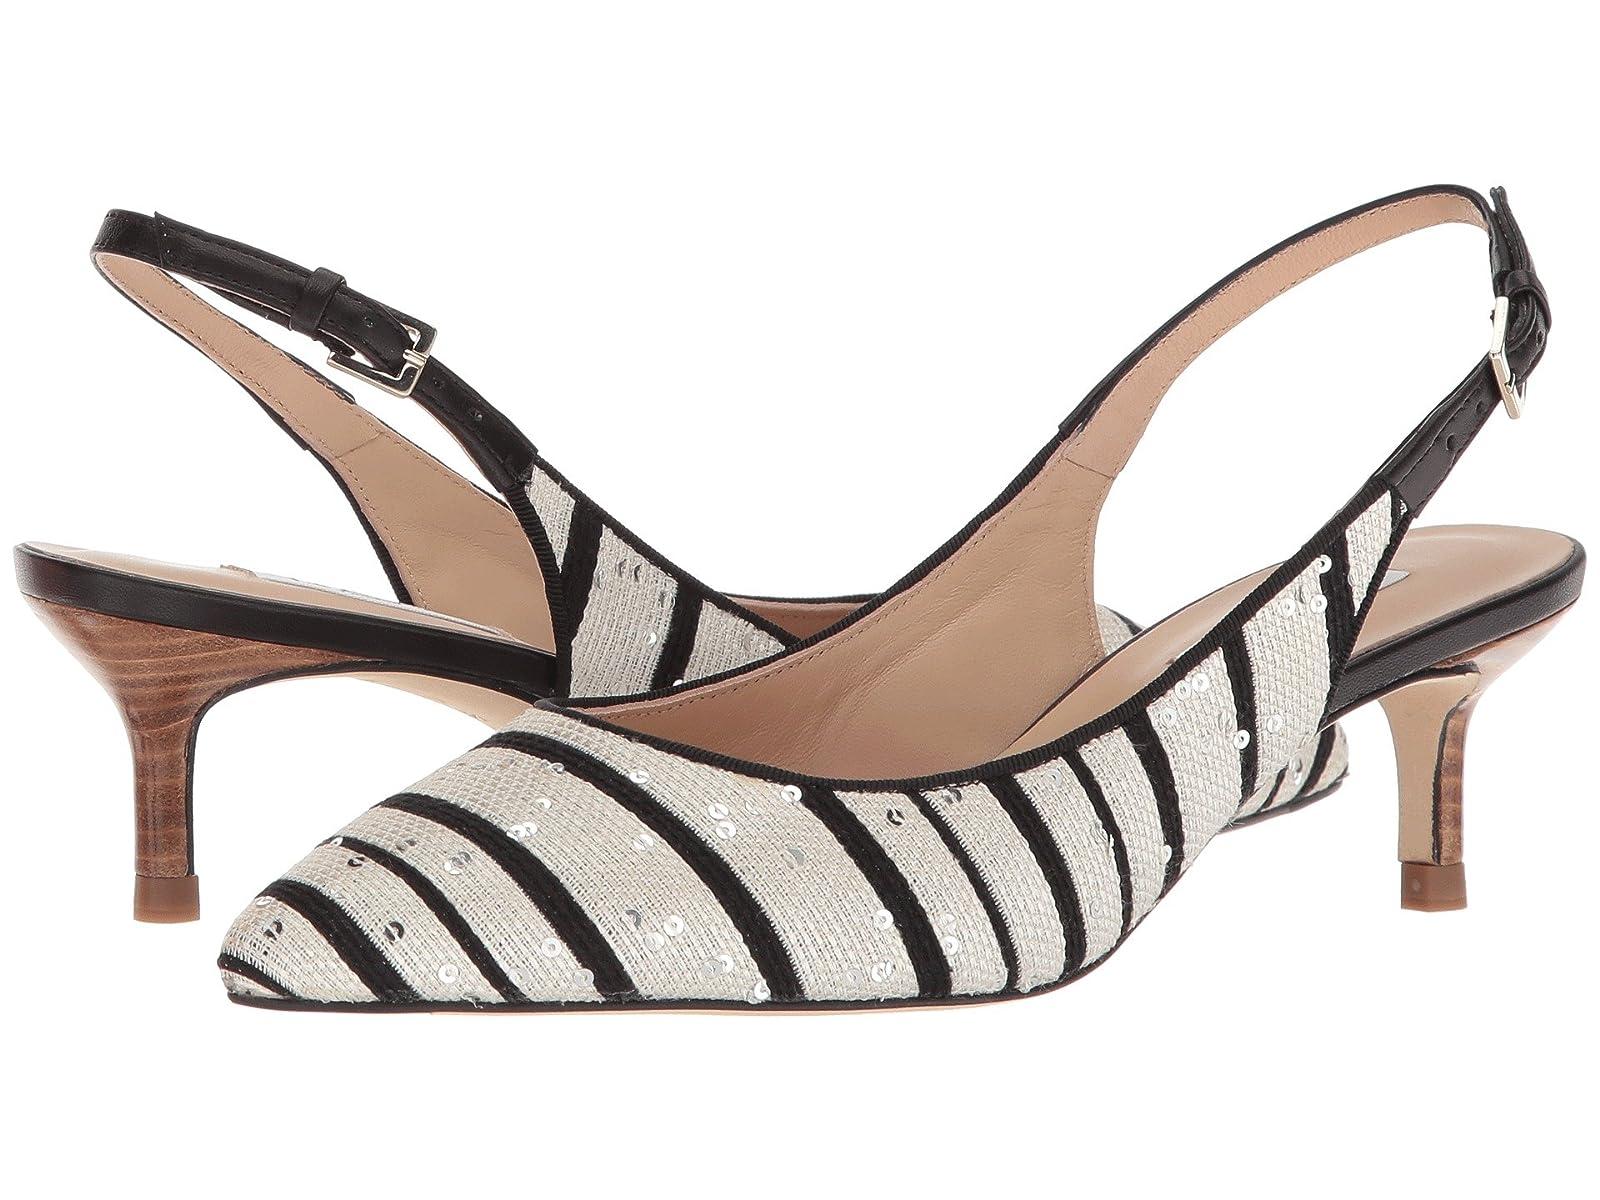 L.K. Bennett AvaAtmospheric grades have affordable shoes